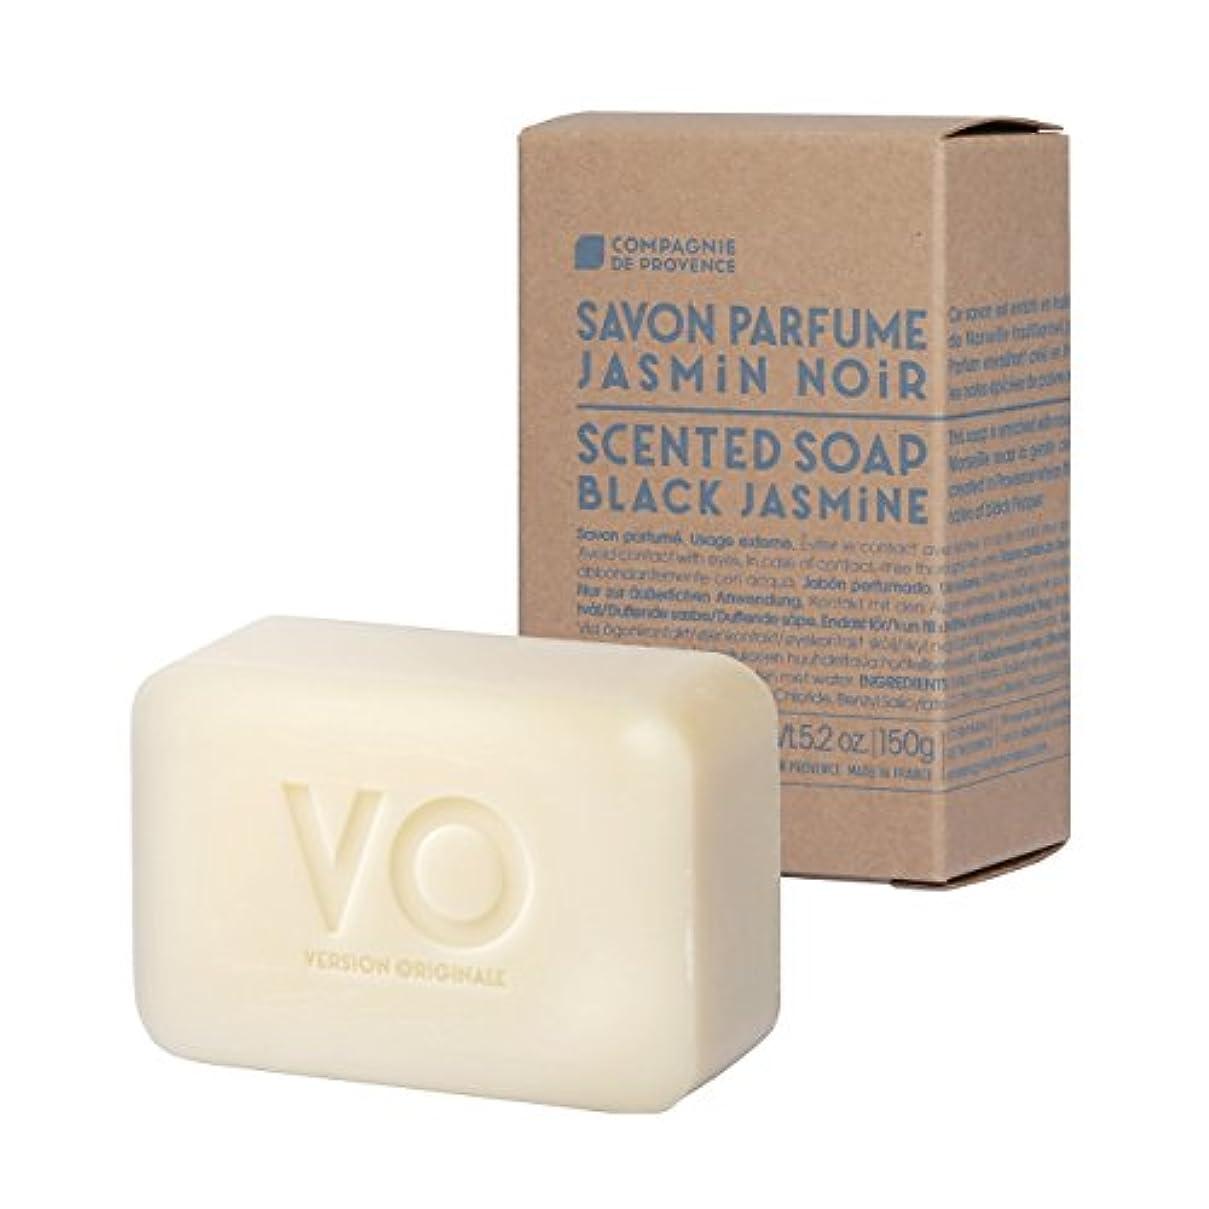 珍味提供された価値のないカンパニードプロバンス バージョンオリジナル センティッドソープ ブラックジャスミン(すっきりとした中にも甘さがある香り) 150g